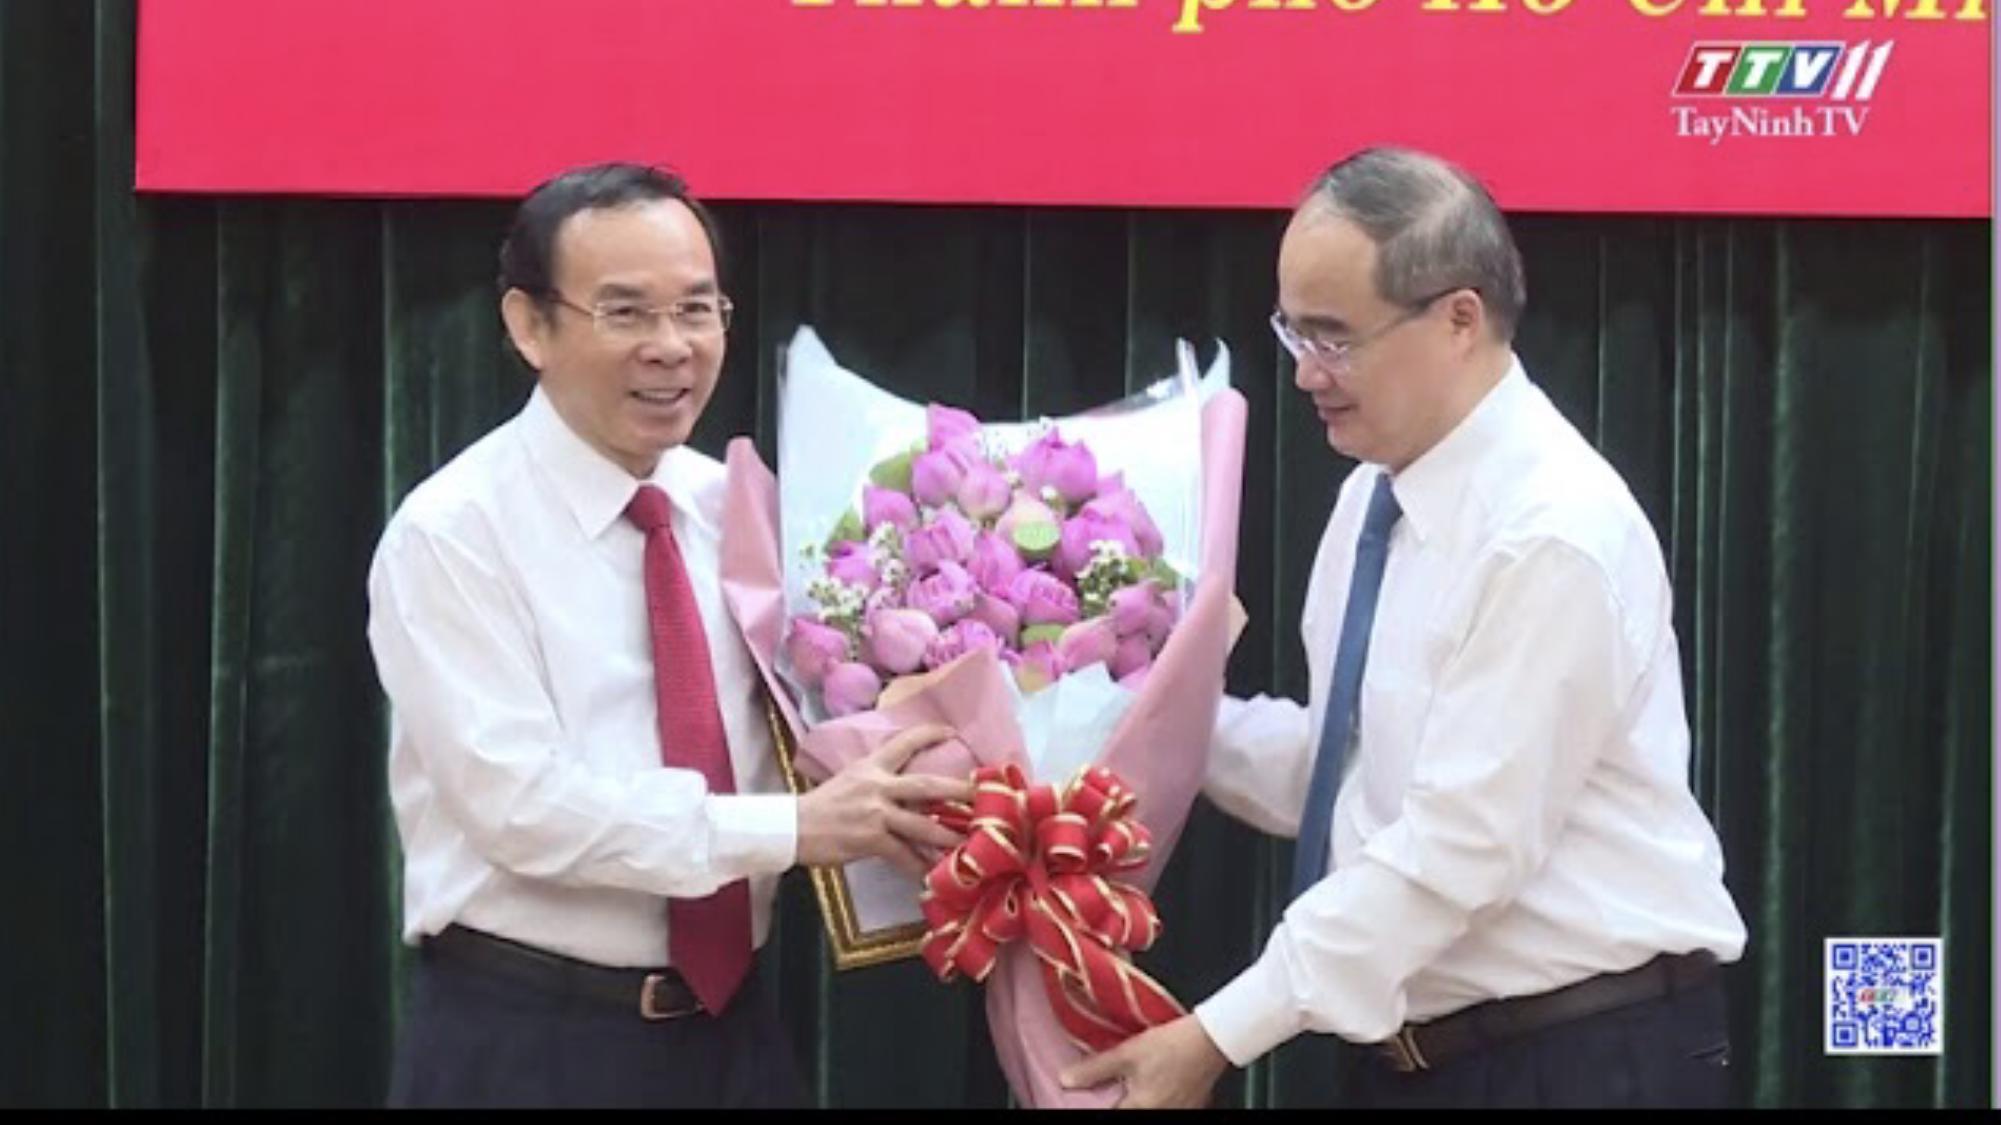 Giới thiệu đồng chí Nguyễn Văn Nên để bầu giữ chức Bí thư Thành ủy TPHCM | Đại hội Đảng các cấp | TayNinhTV